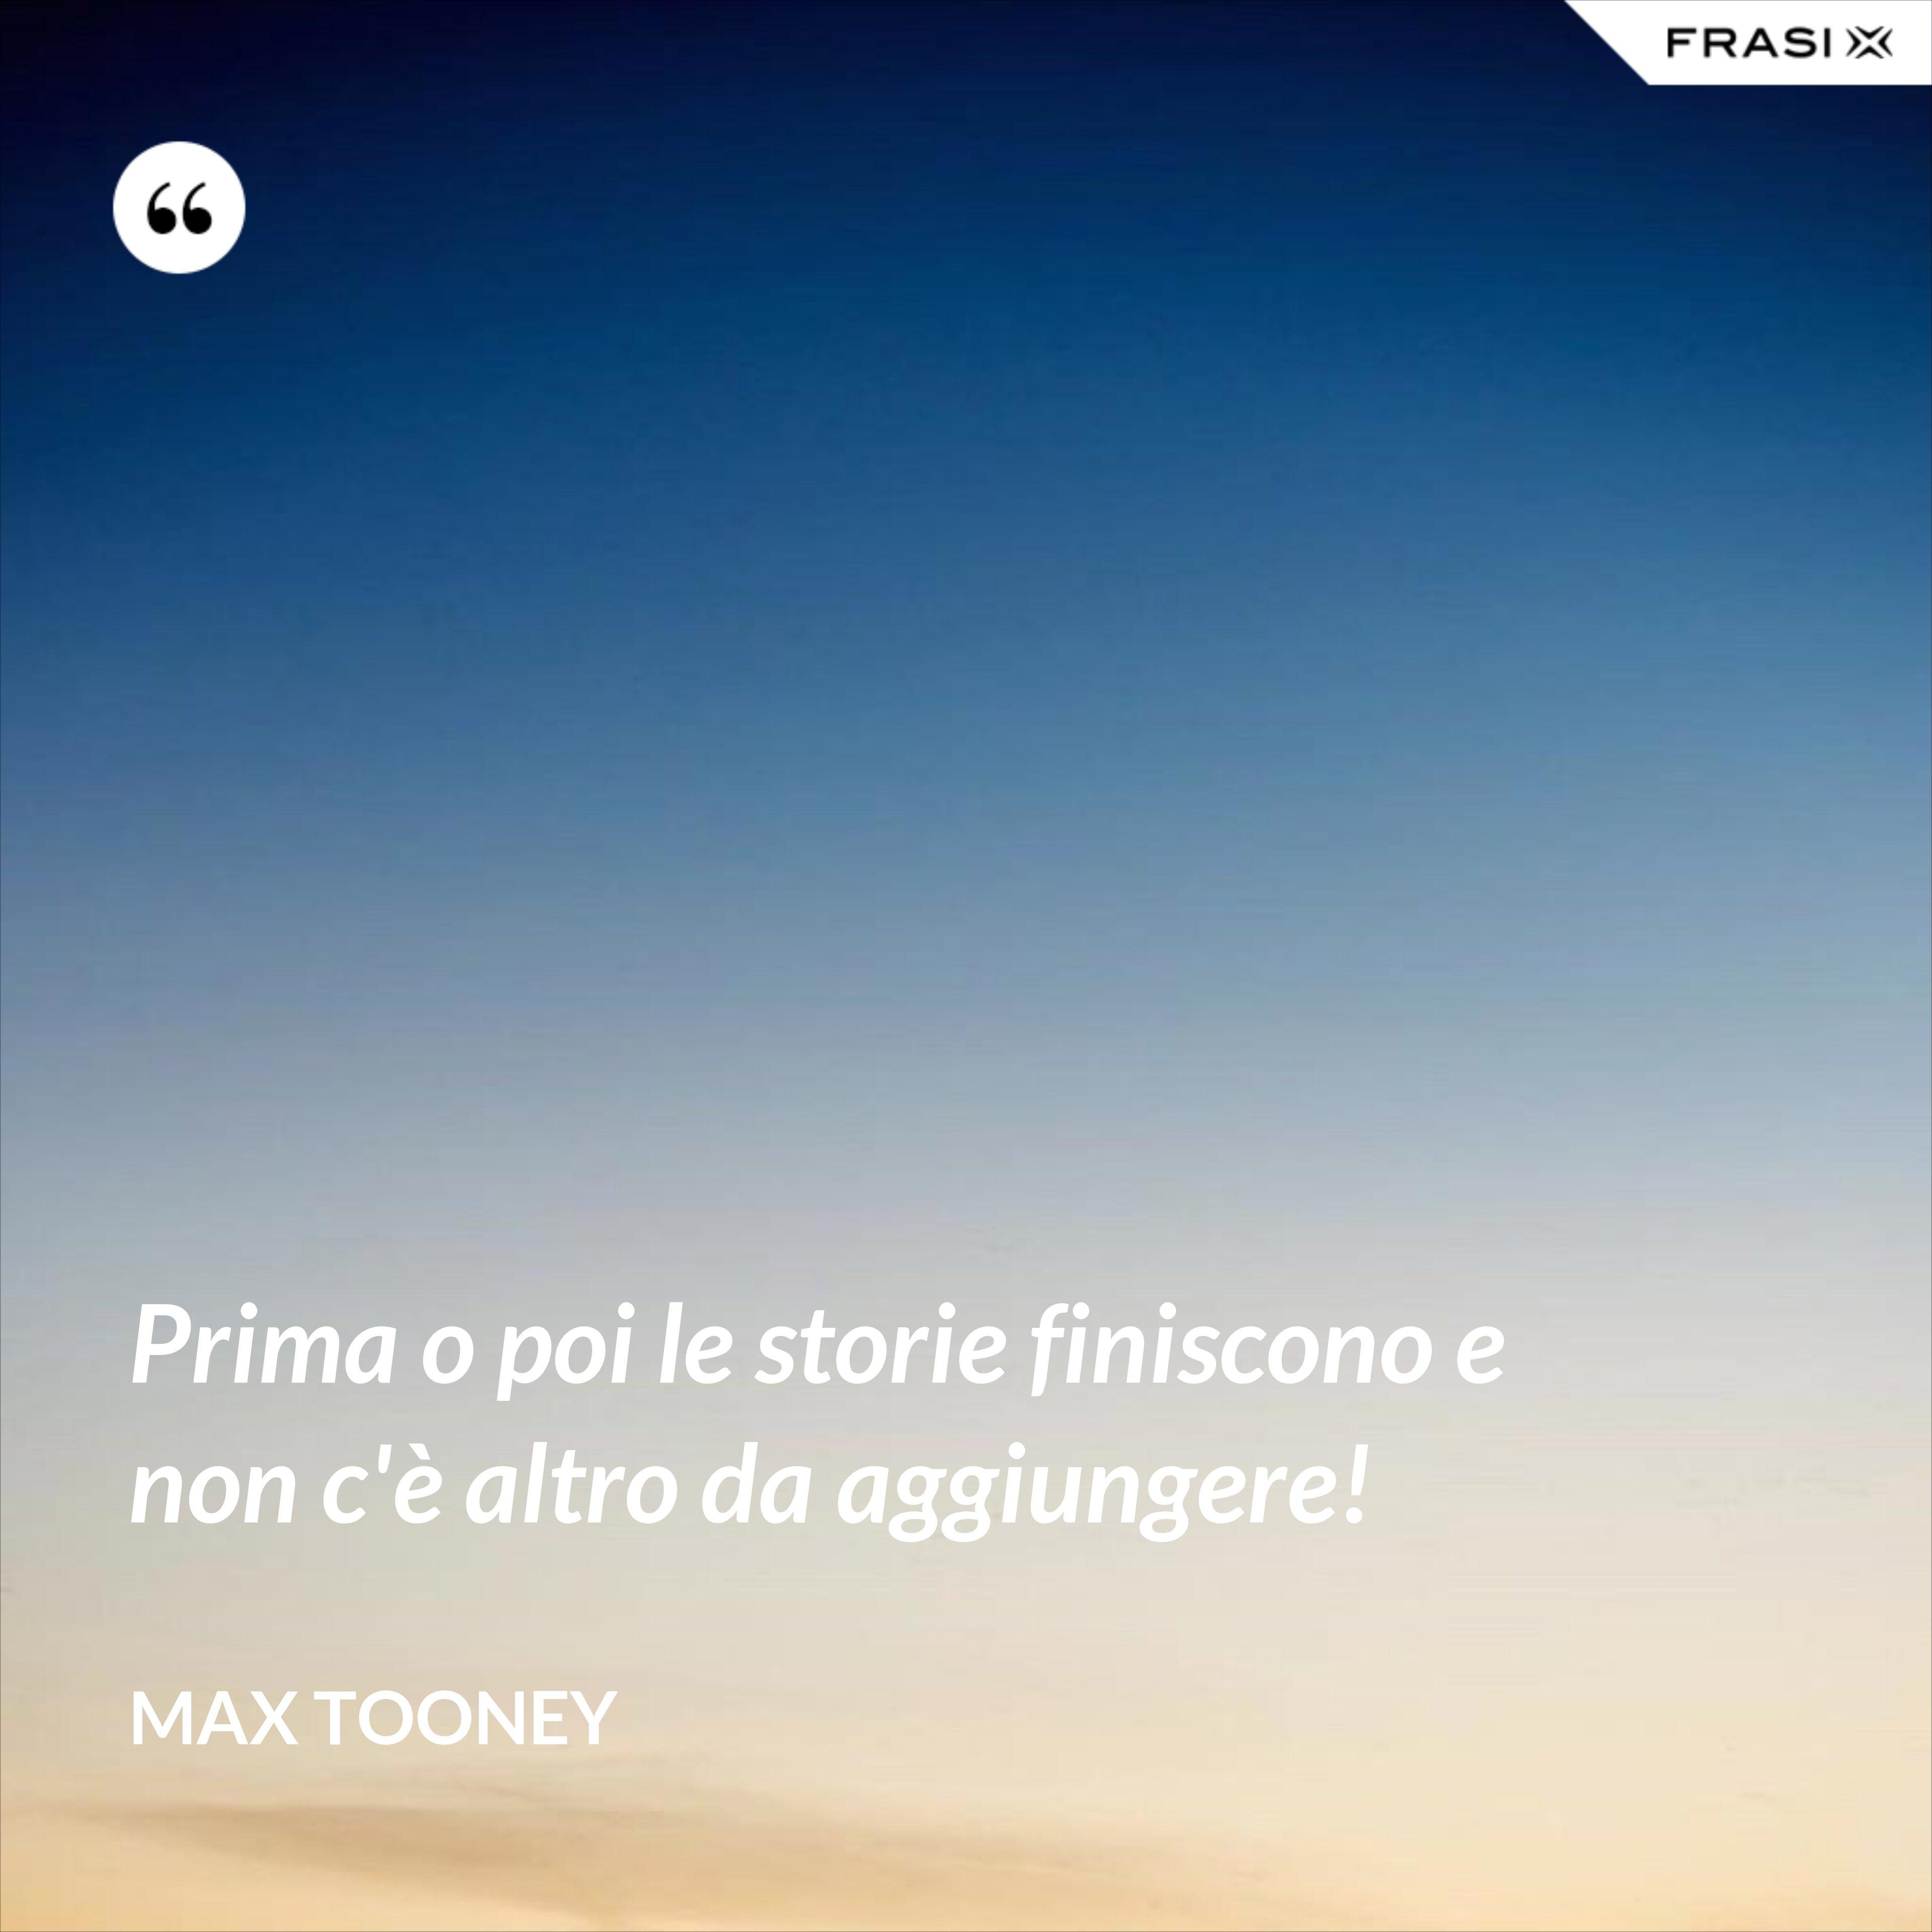 Prima o poi le storie finiscono e non c'è altro da aggiungere! - Max Tooney